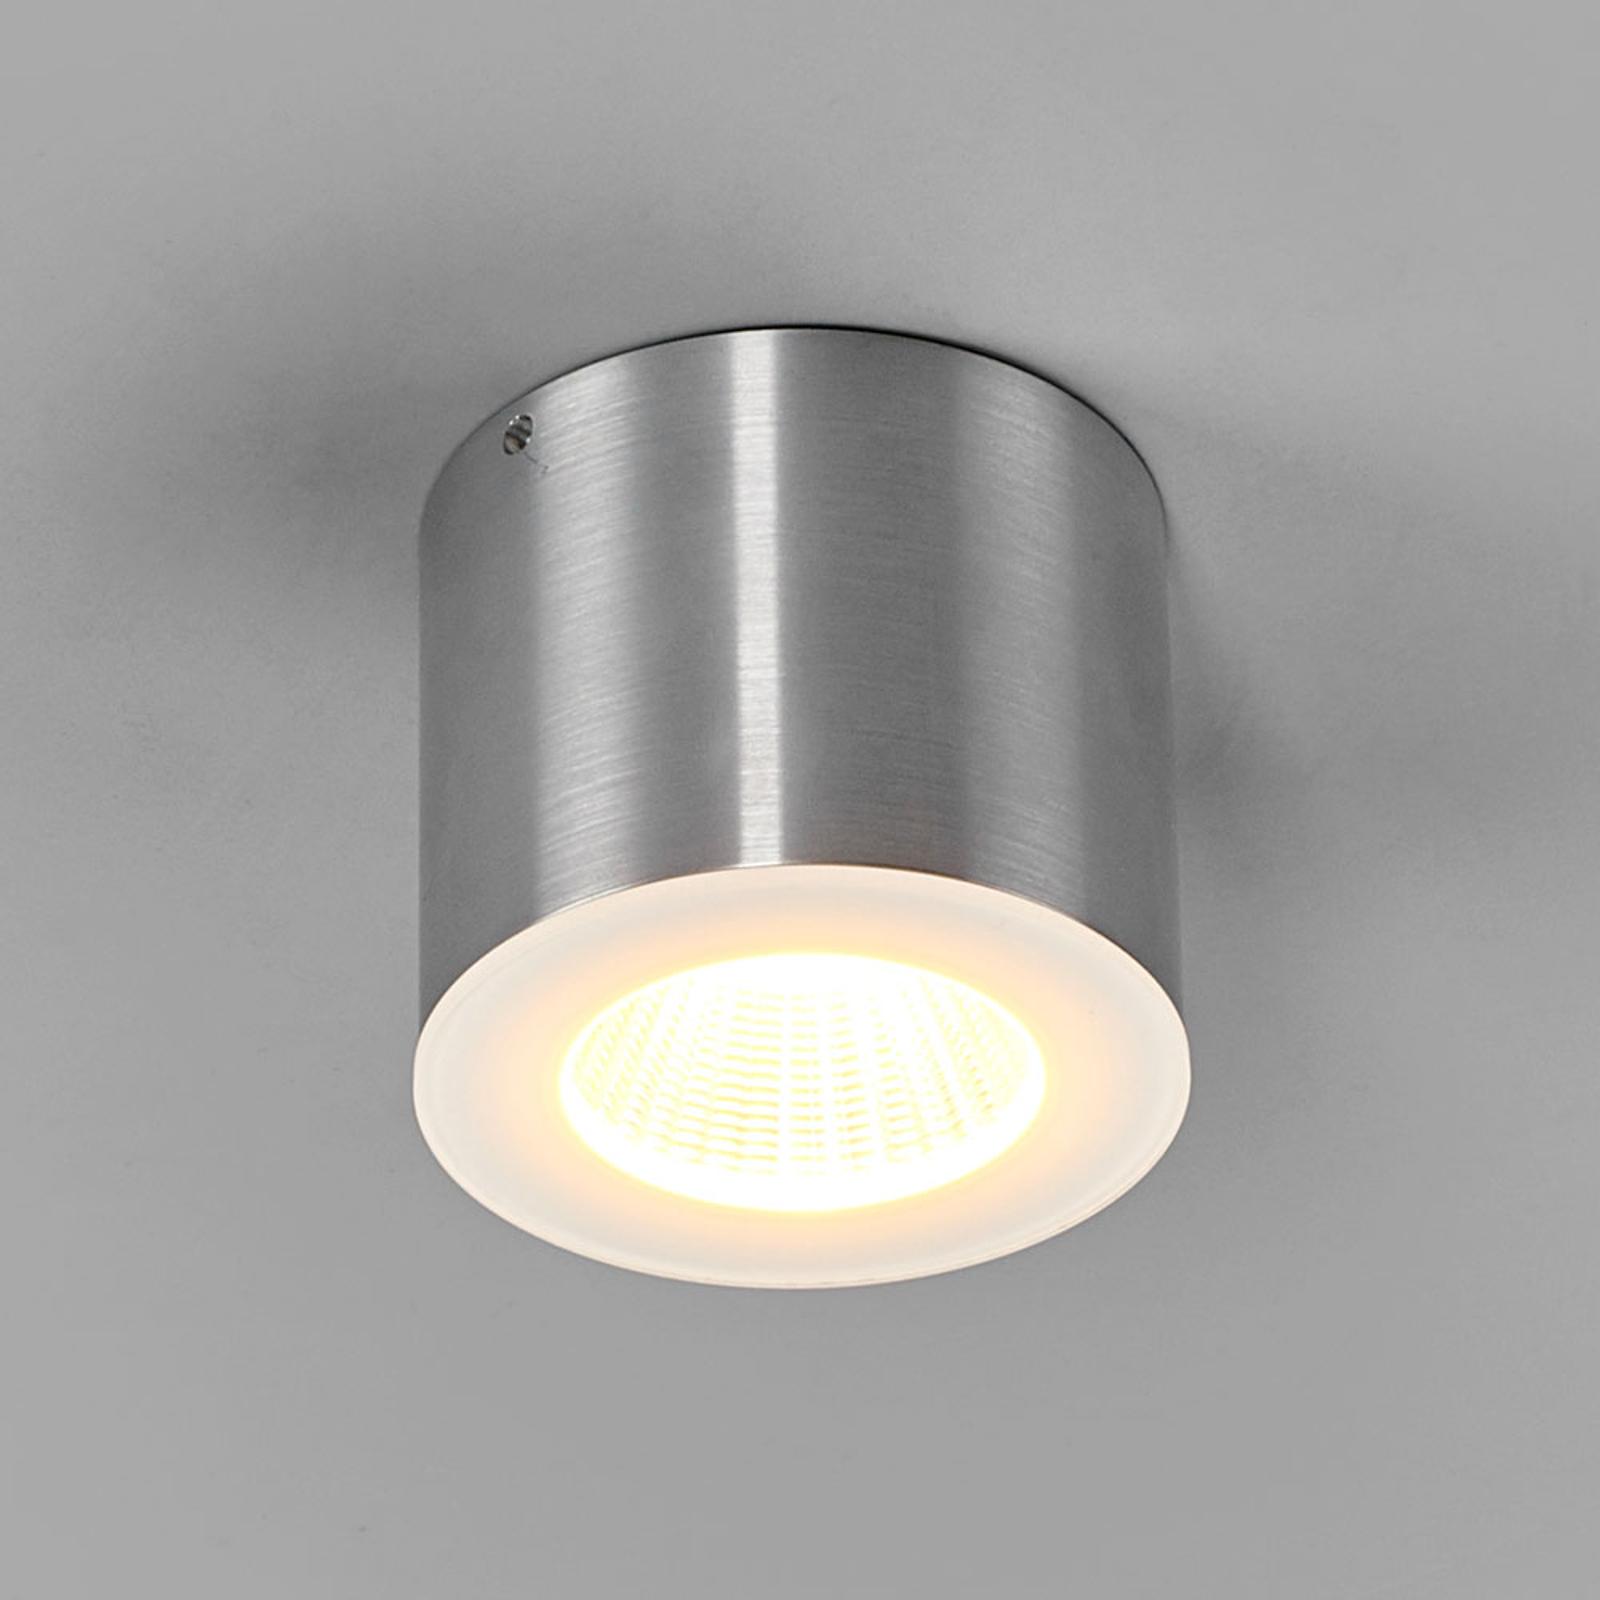 Helestra Oso LED takspot, rund, alu matt